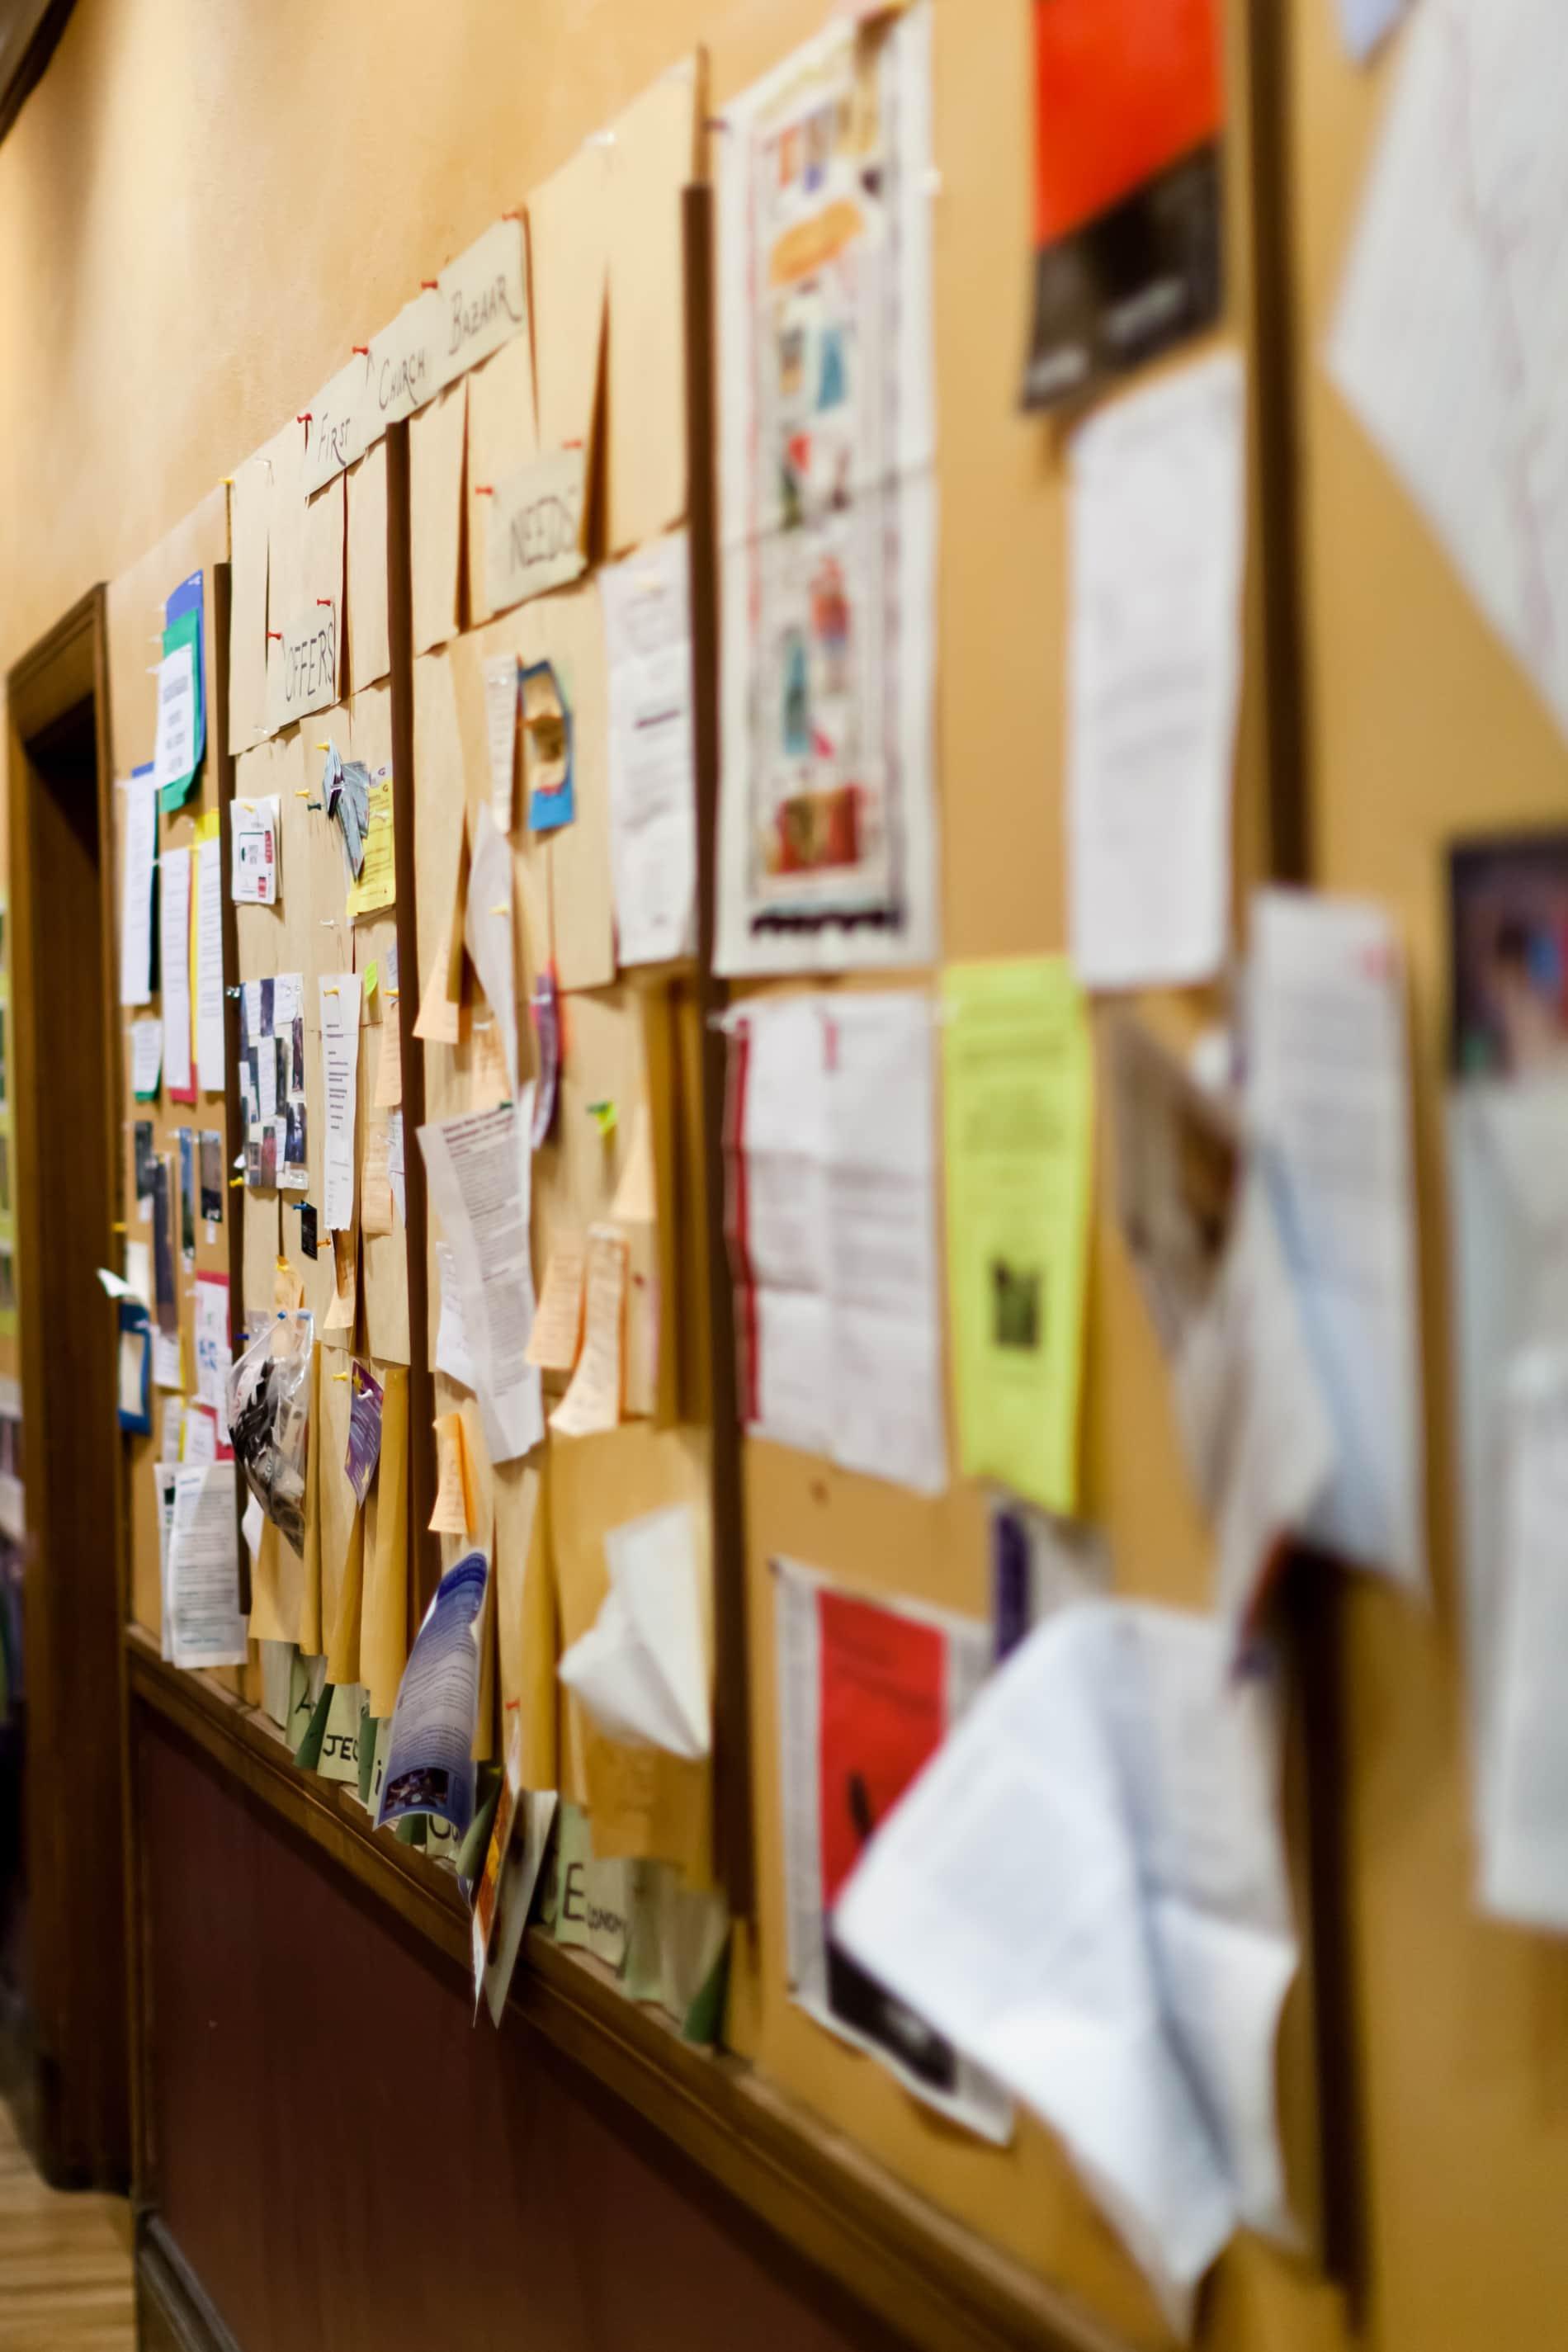 fliers on a bulletin board